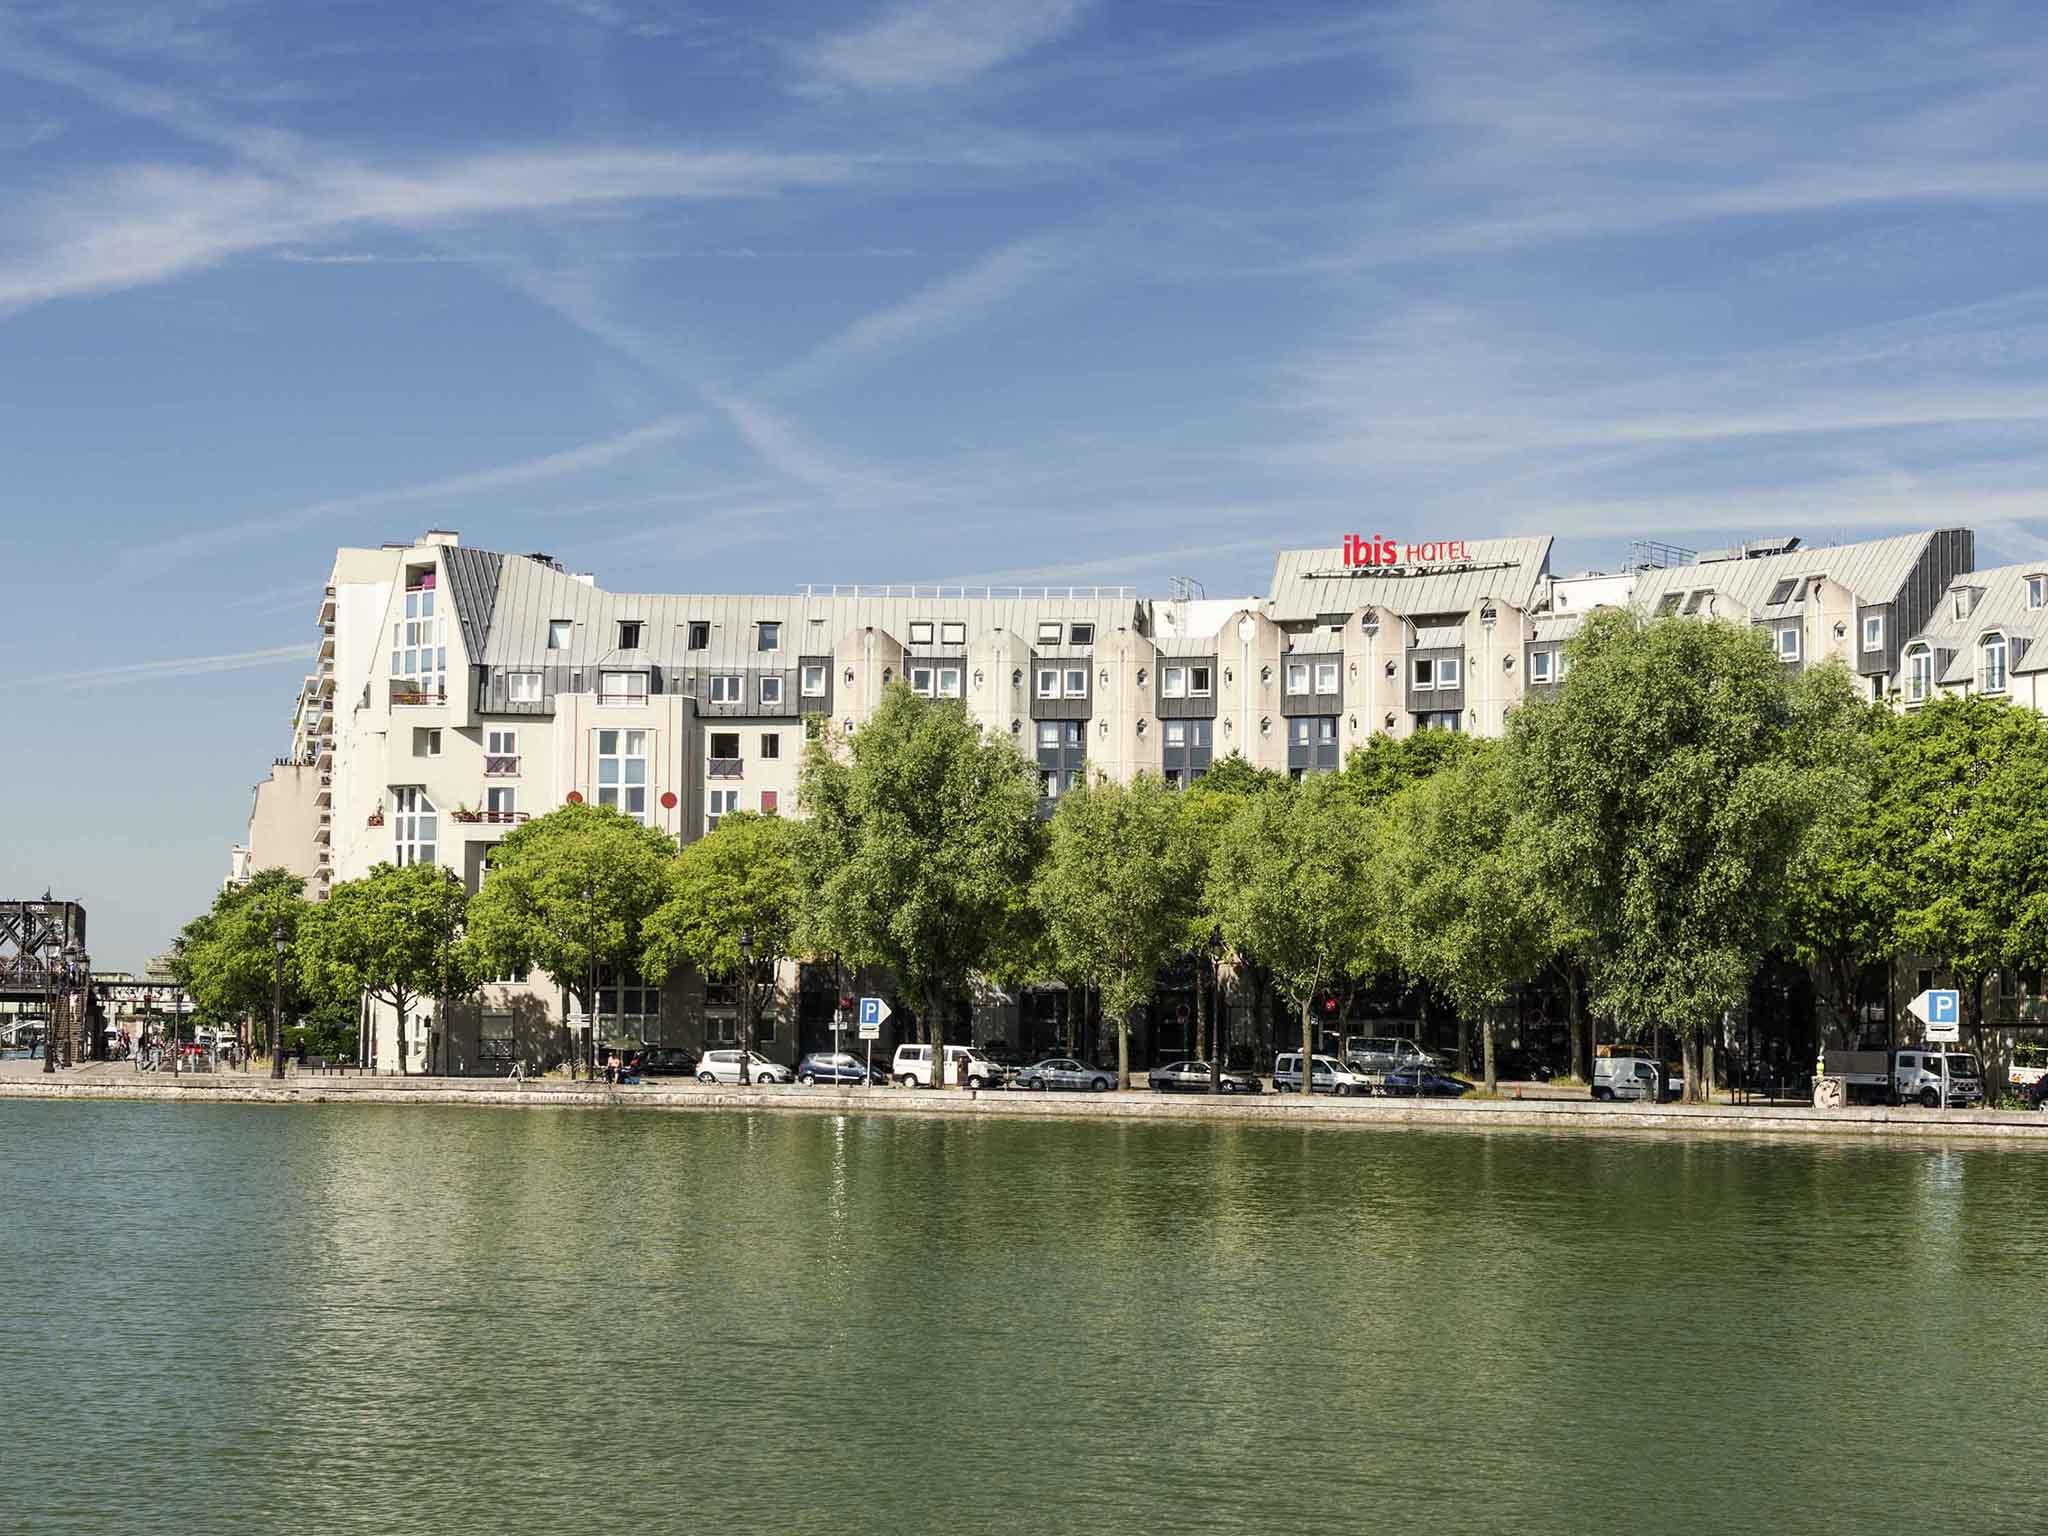 فندق - إيبيس ibis باريس لافيليت سيت دو سيانس الدائرة 19